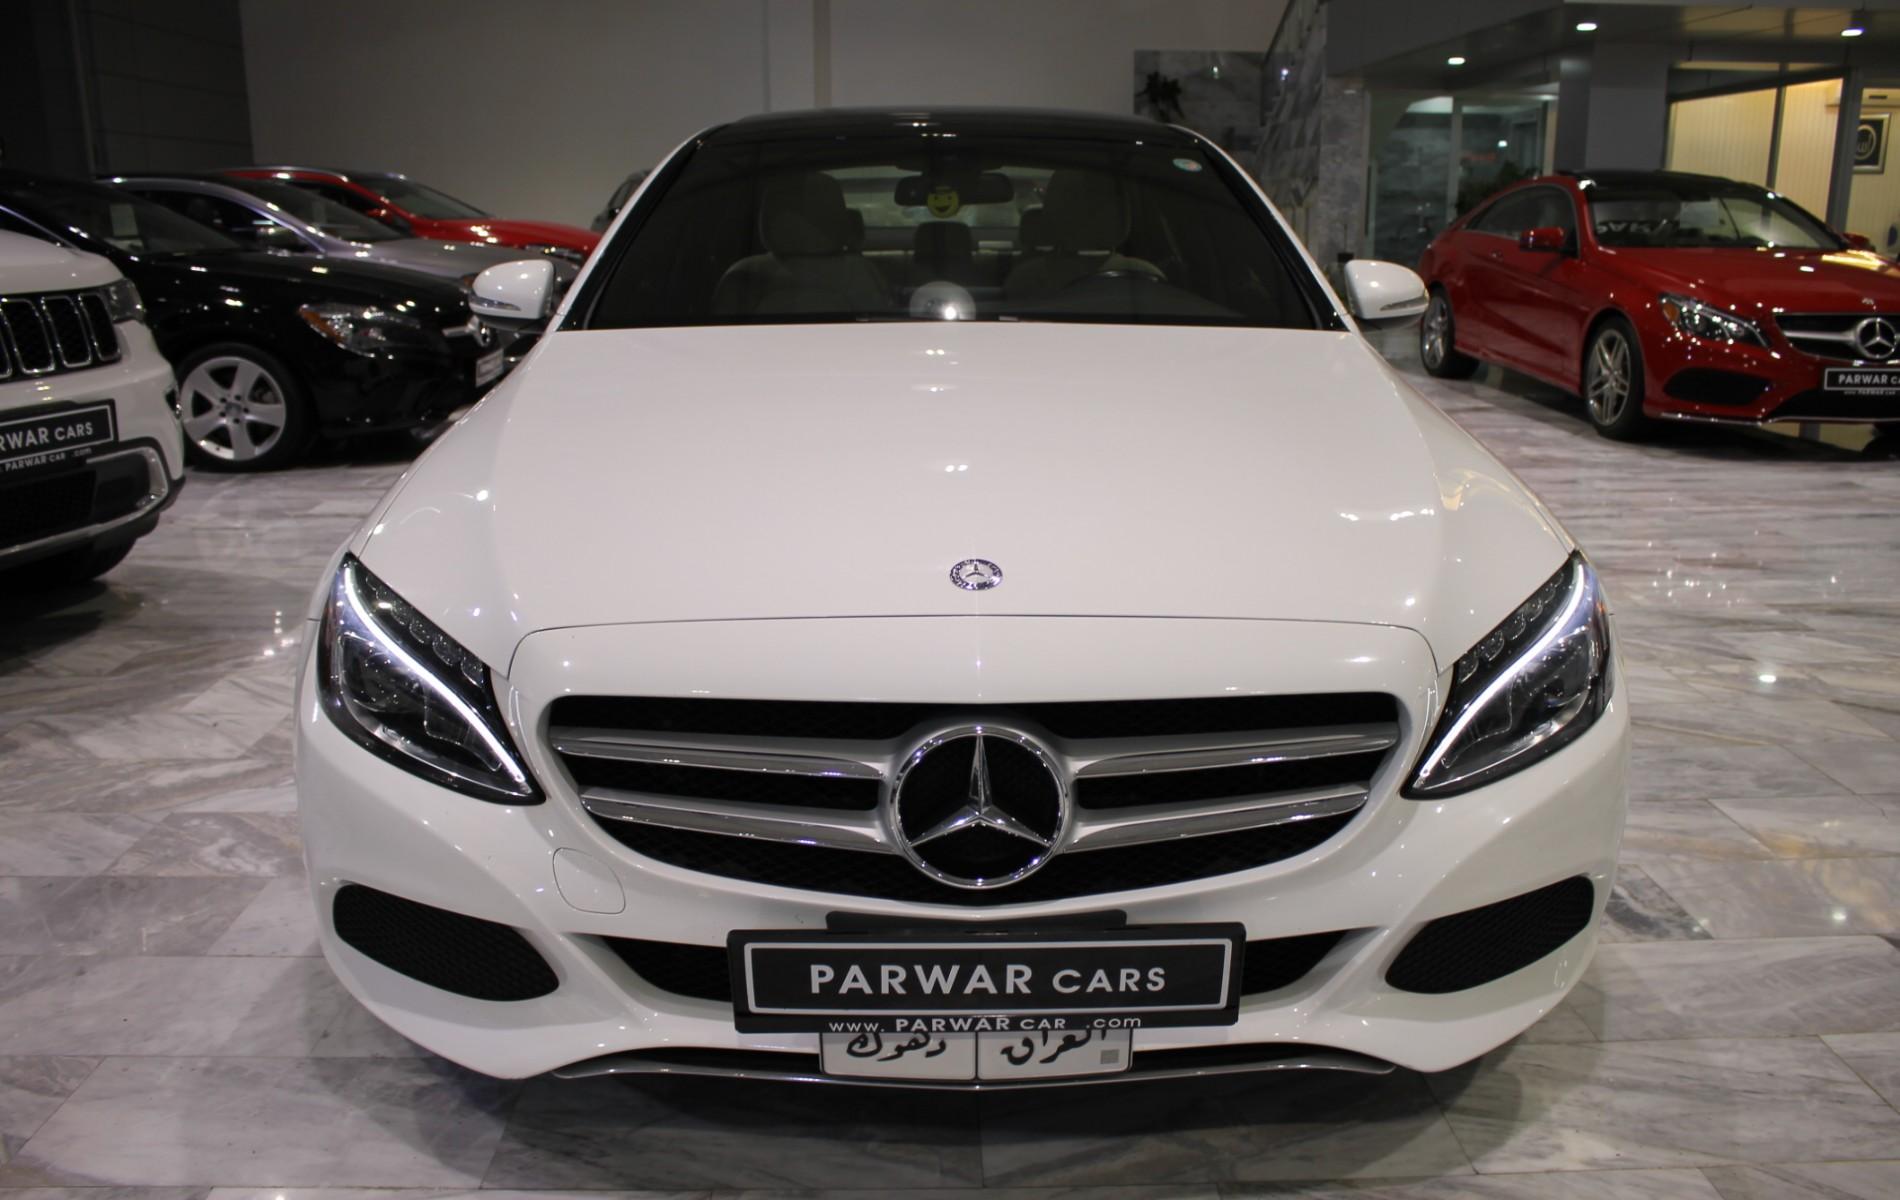 Kurdistan Cars For Sale Duhok